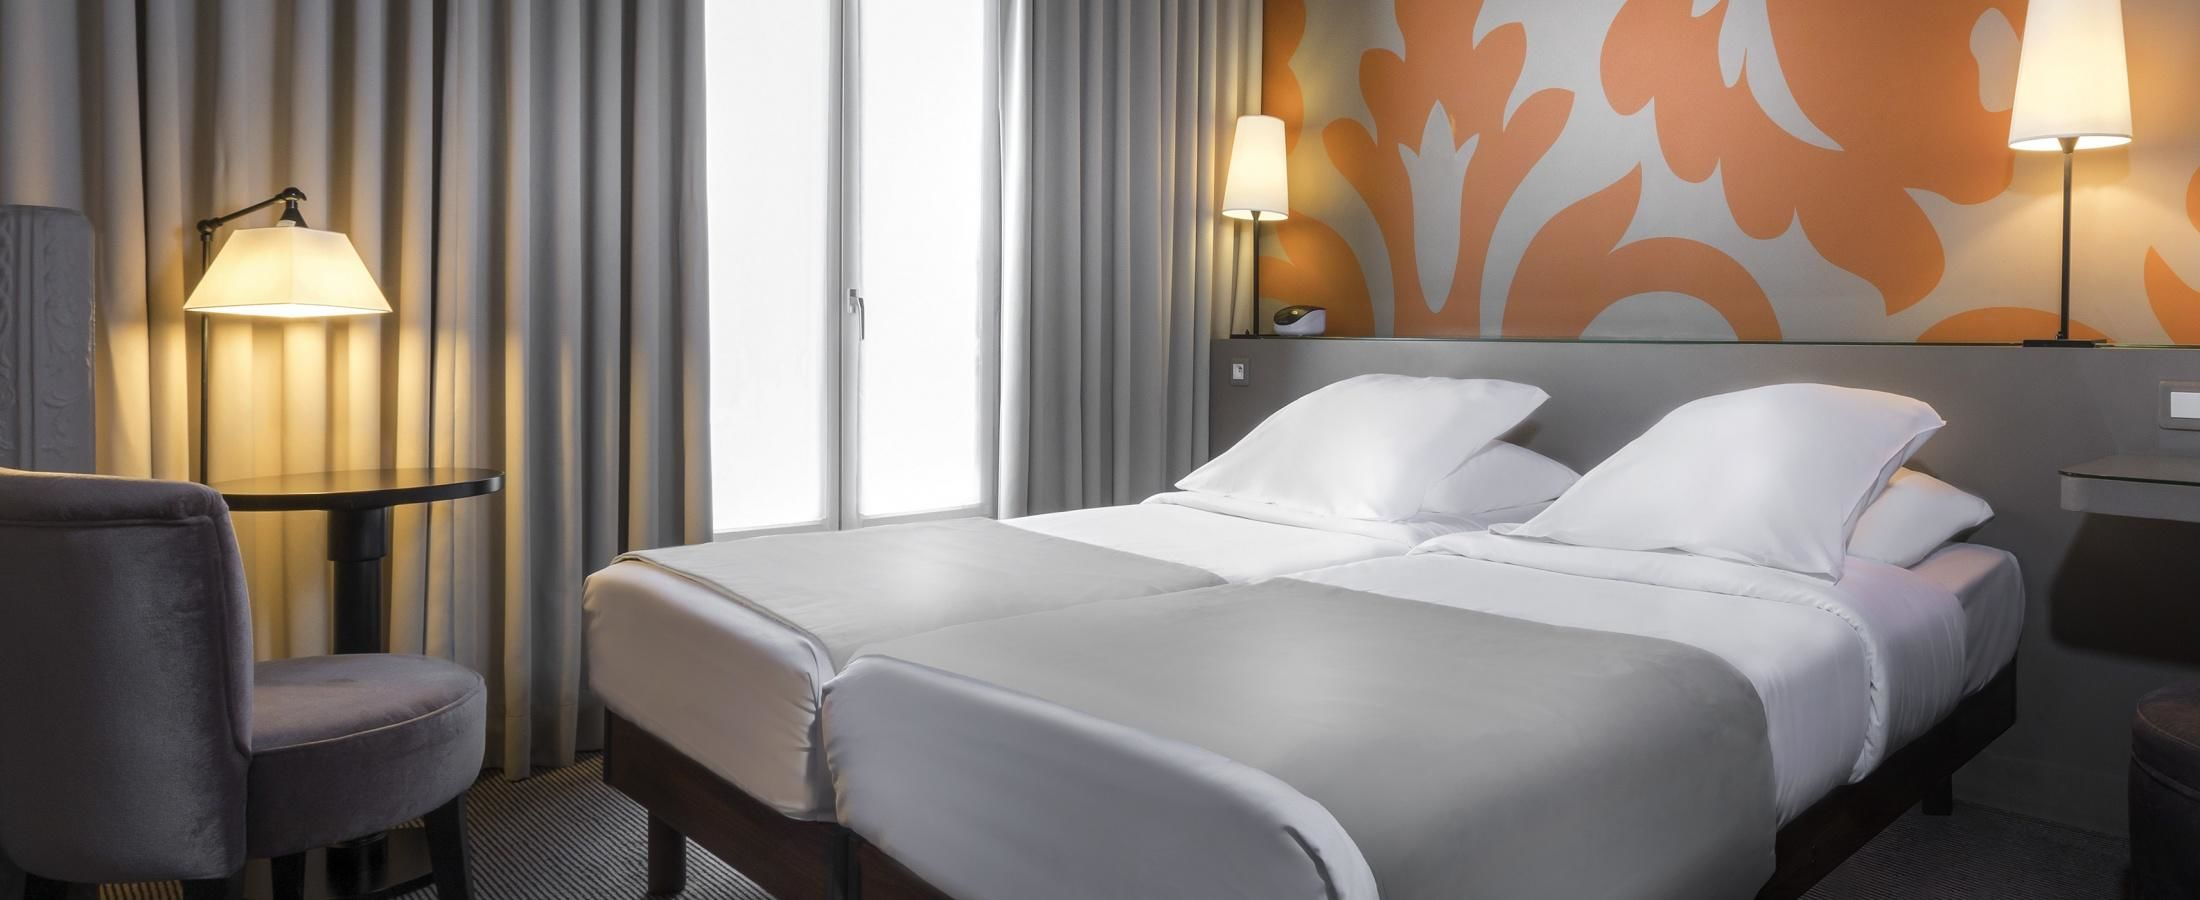 Gardette Park Hotel - Tweepersoonskamer